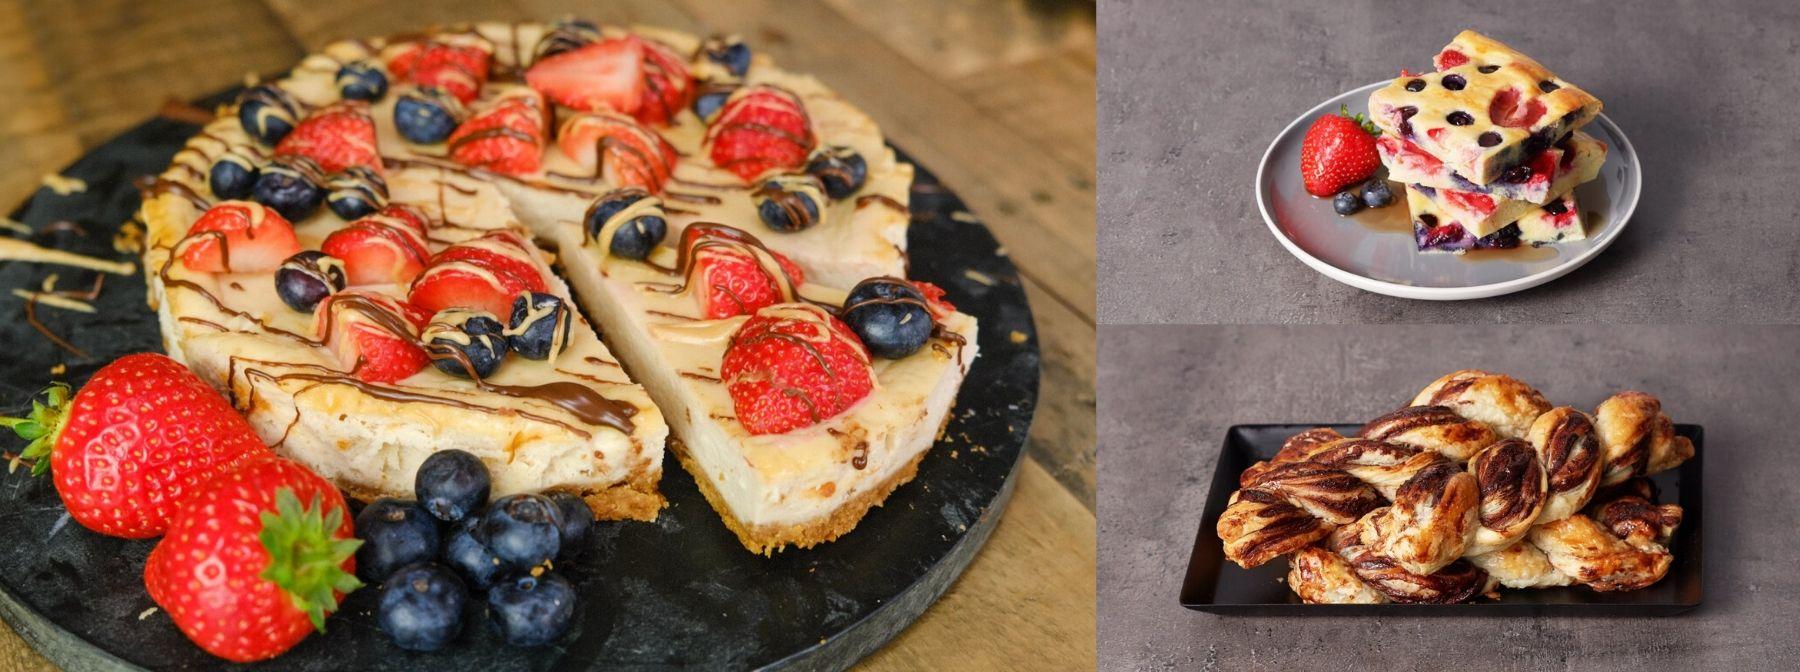 Idées de recettes Saint-Valentin : petits-déjeuners et desserts healthy